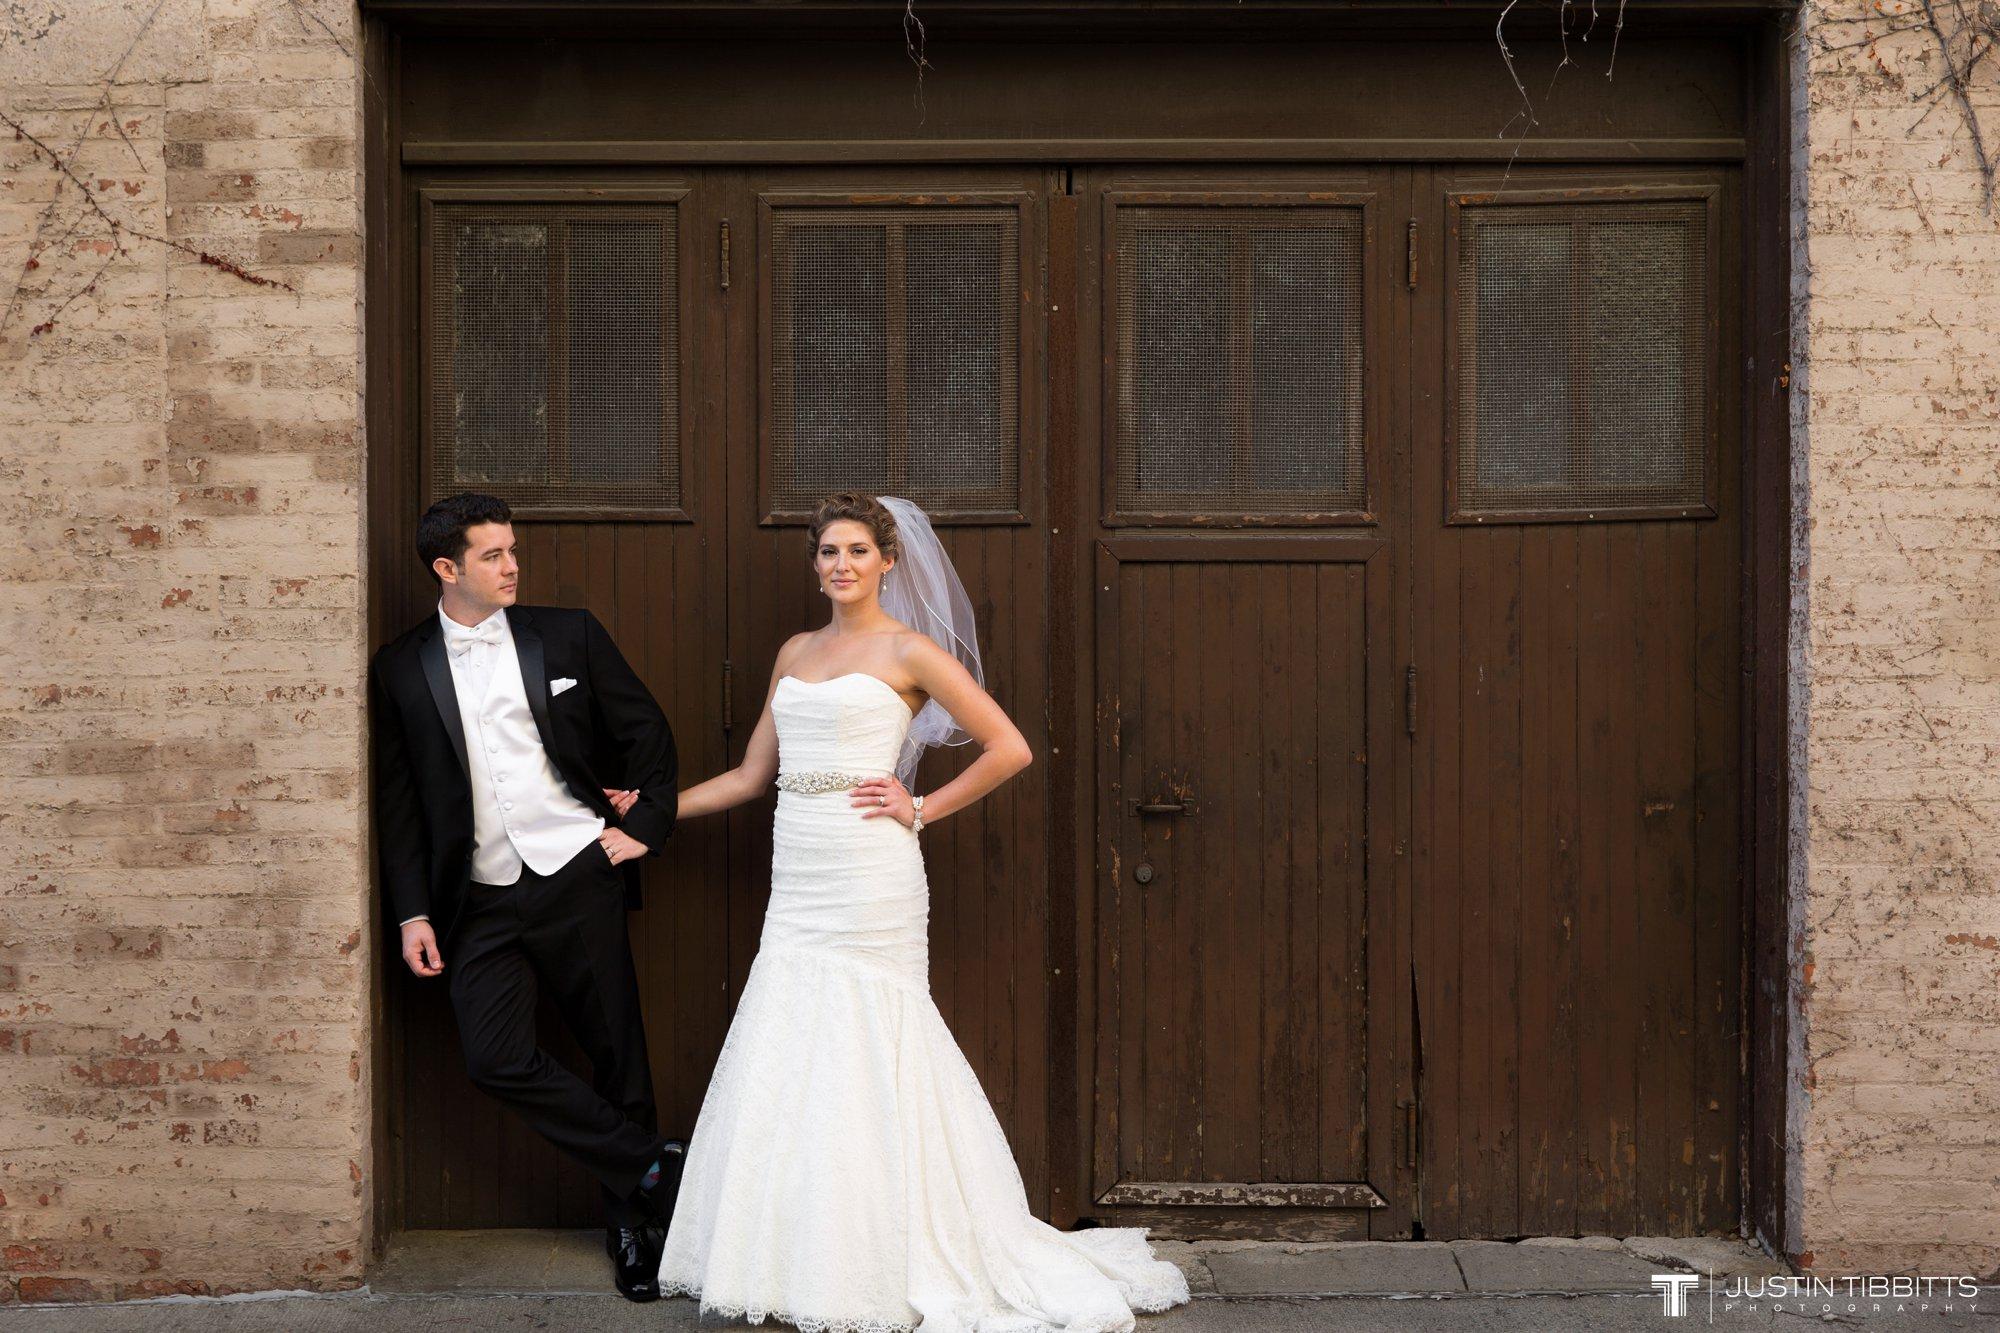 Albany NY Wedding Photographer Justin Tibbitts Photography 2014 Best of Albany NY Weddings-26333115